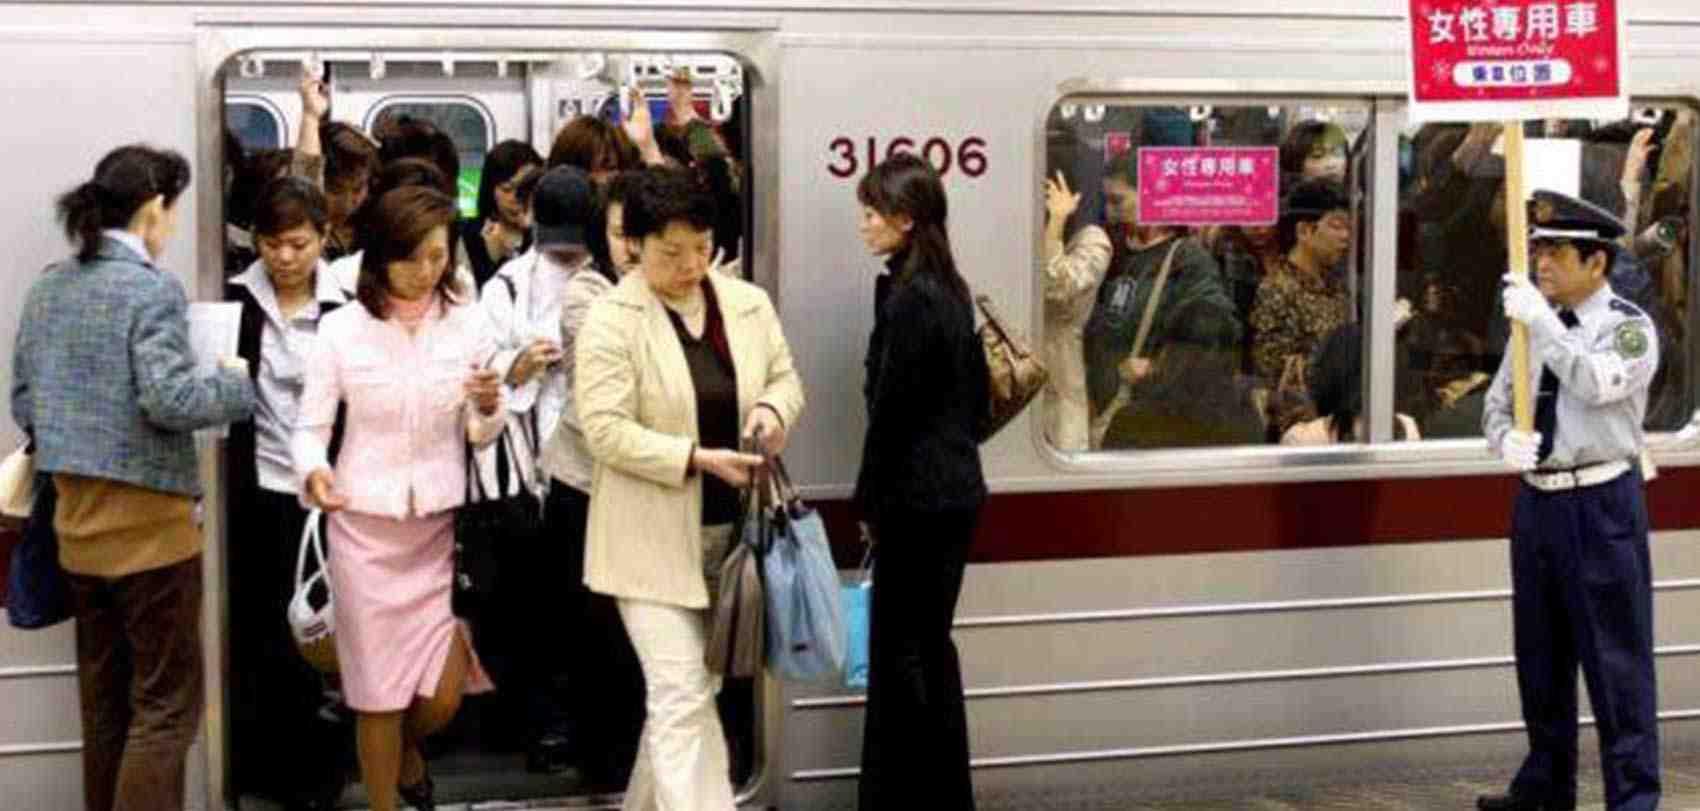 जापानको प्रगतिमा क्यामरा र प्रविधिको अहम भूमिका: जापान सुरक्षित देश कसरी बन्यो ?